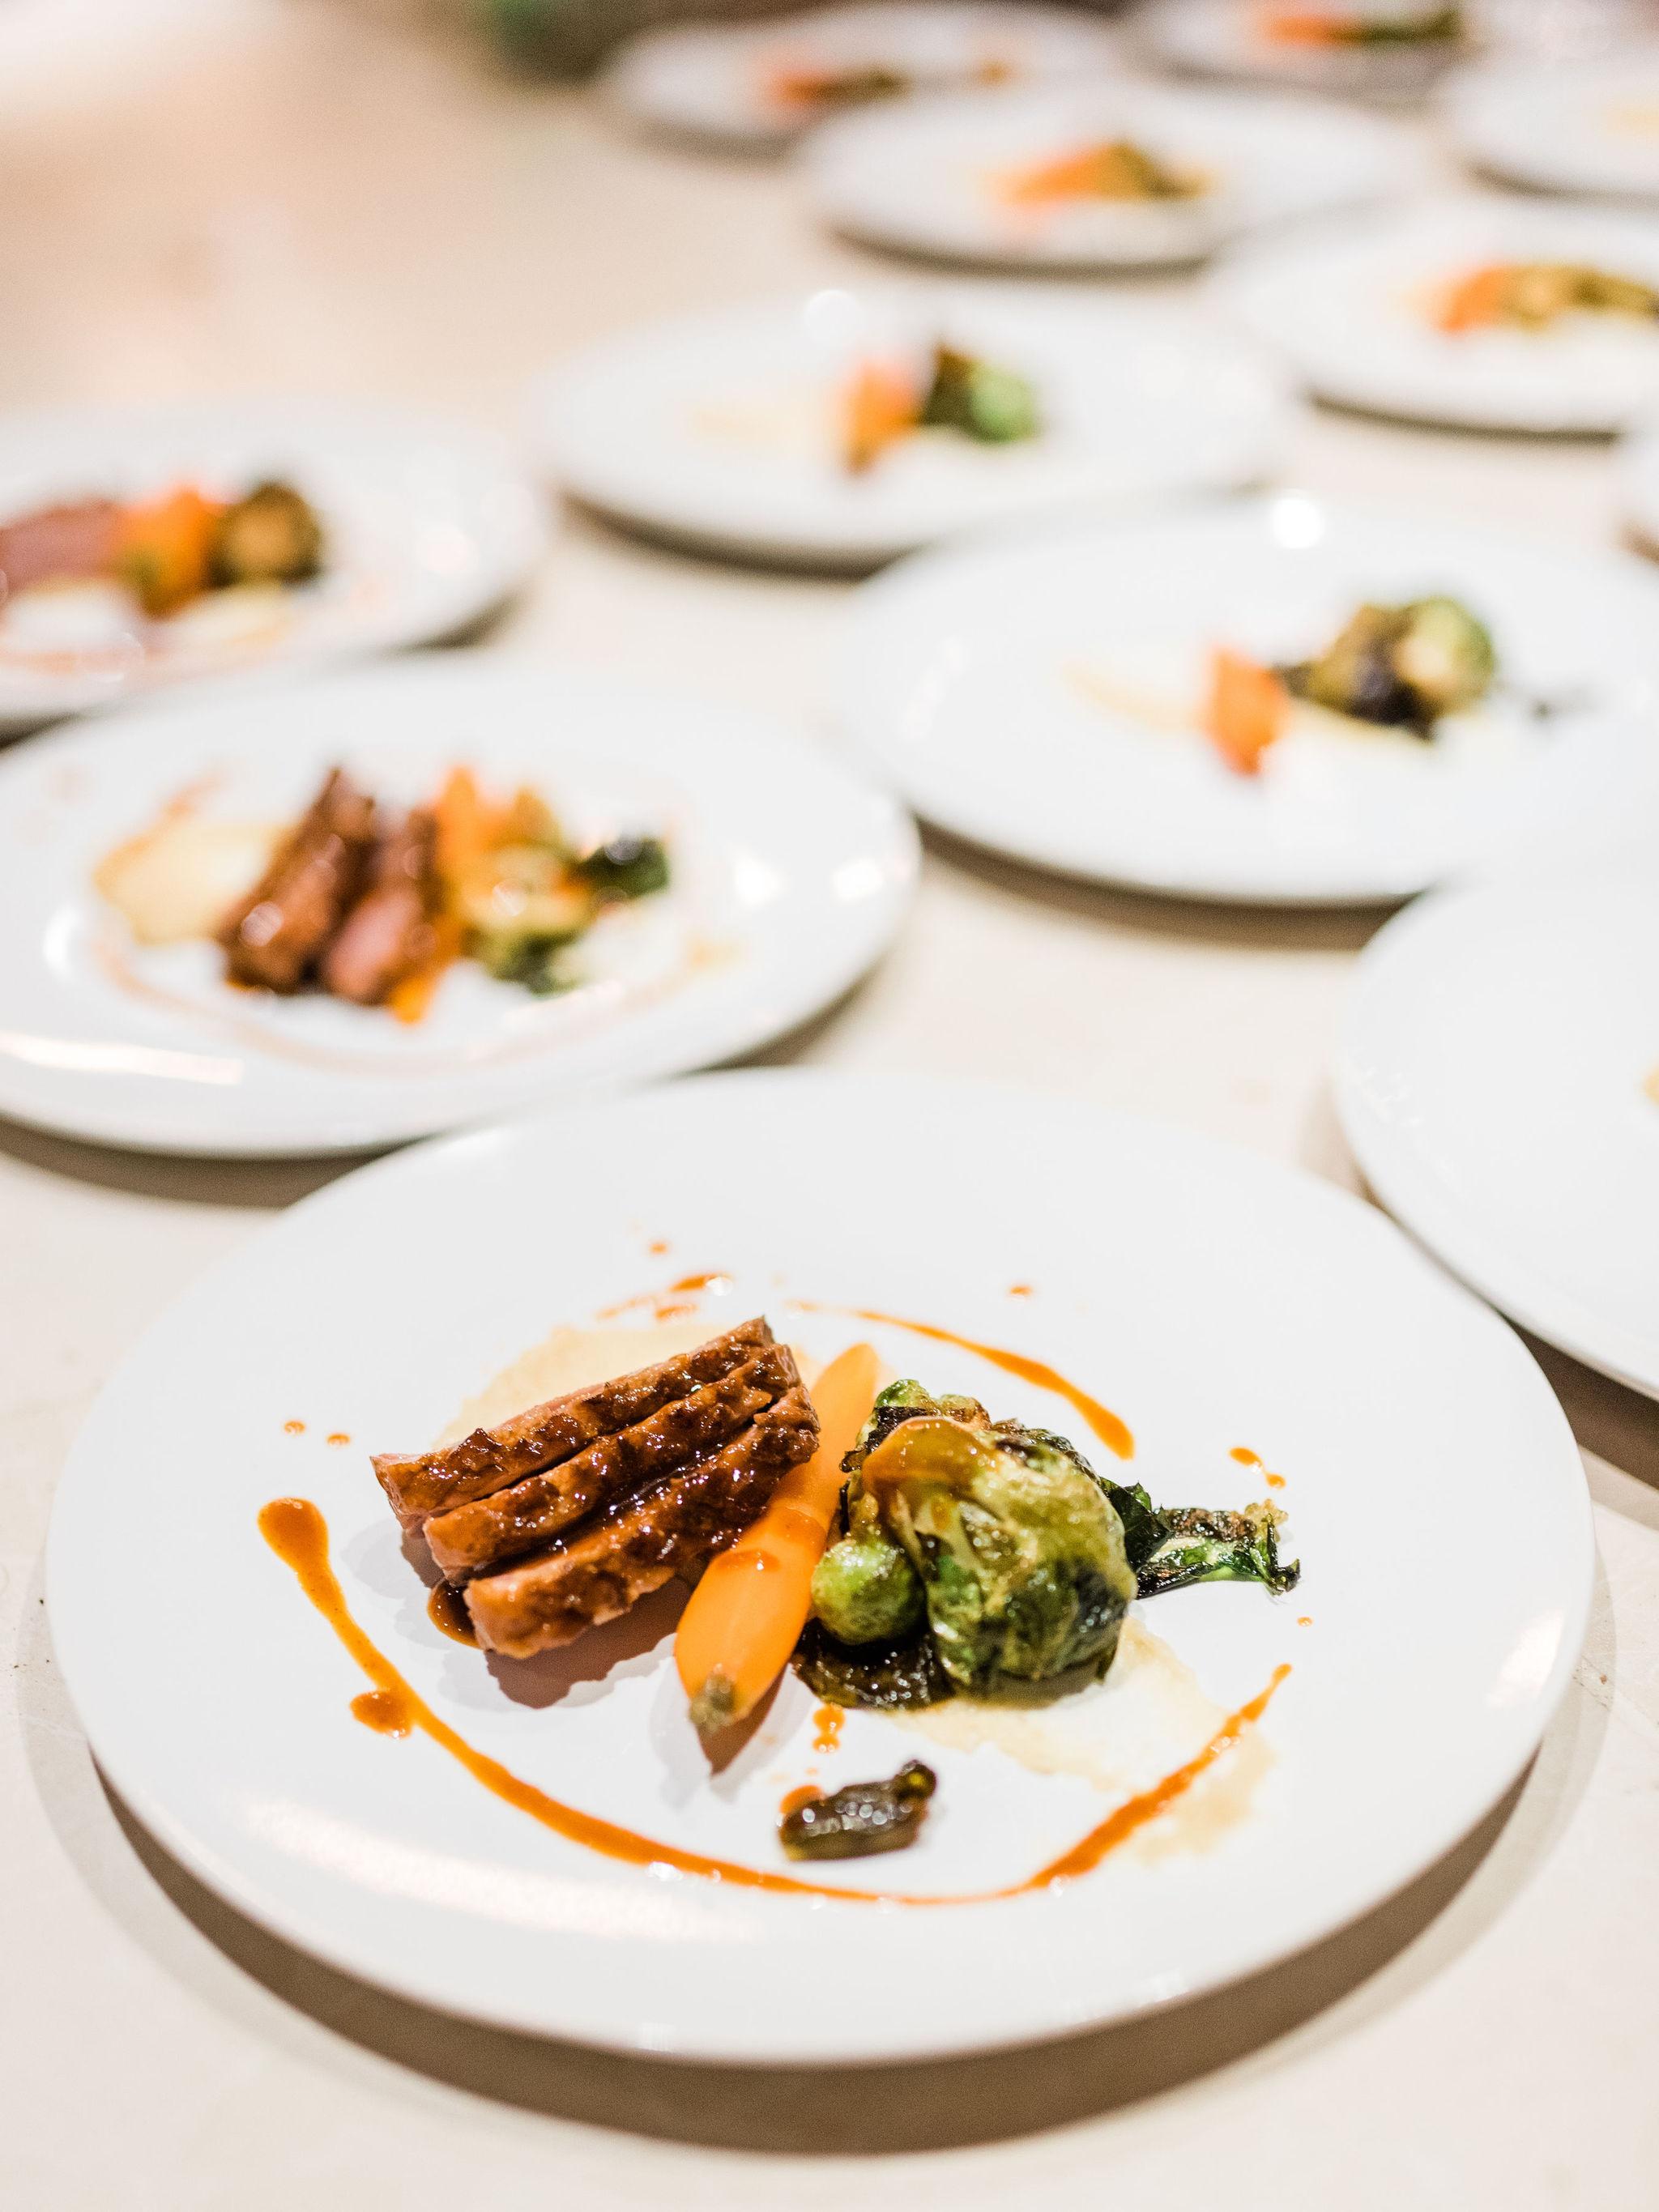 Repas table d'hôte gastronomique